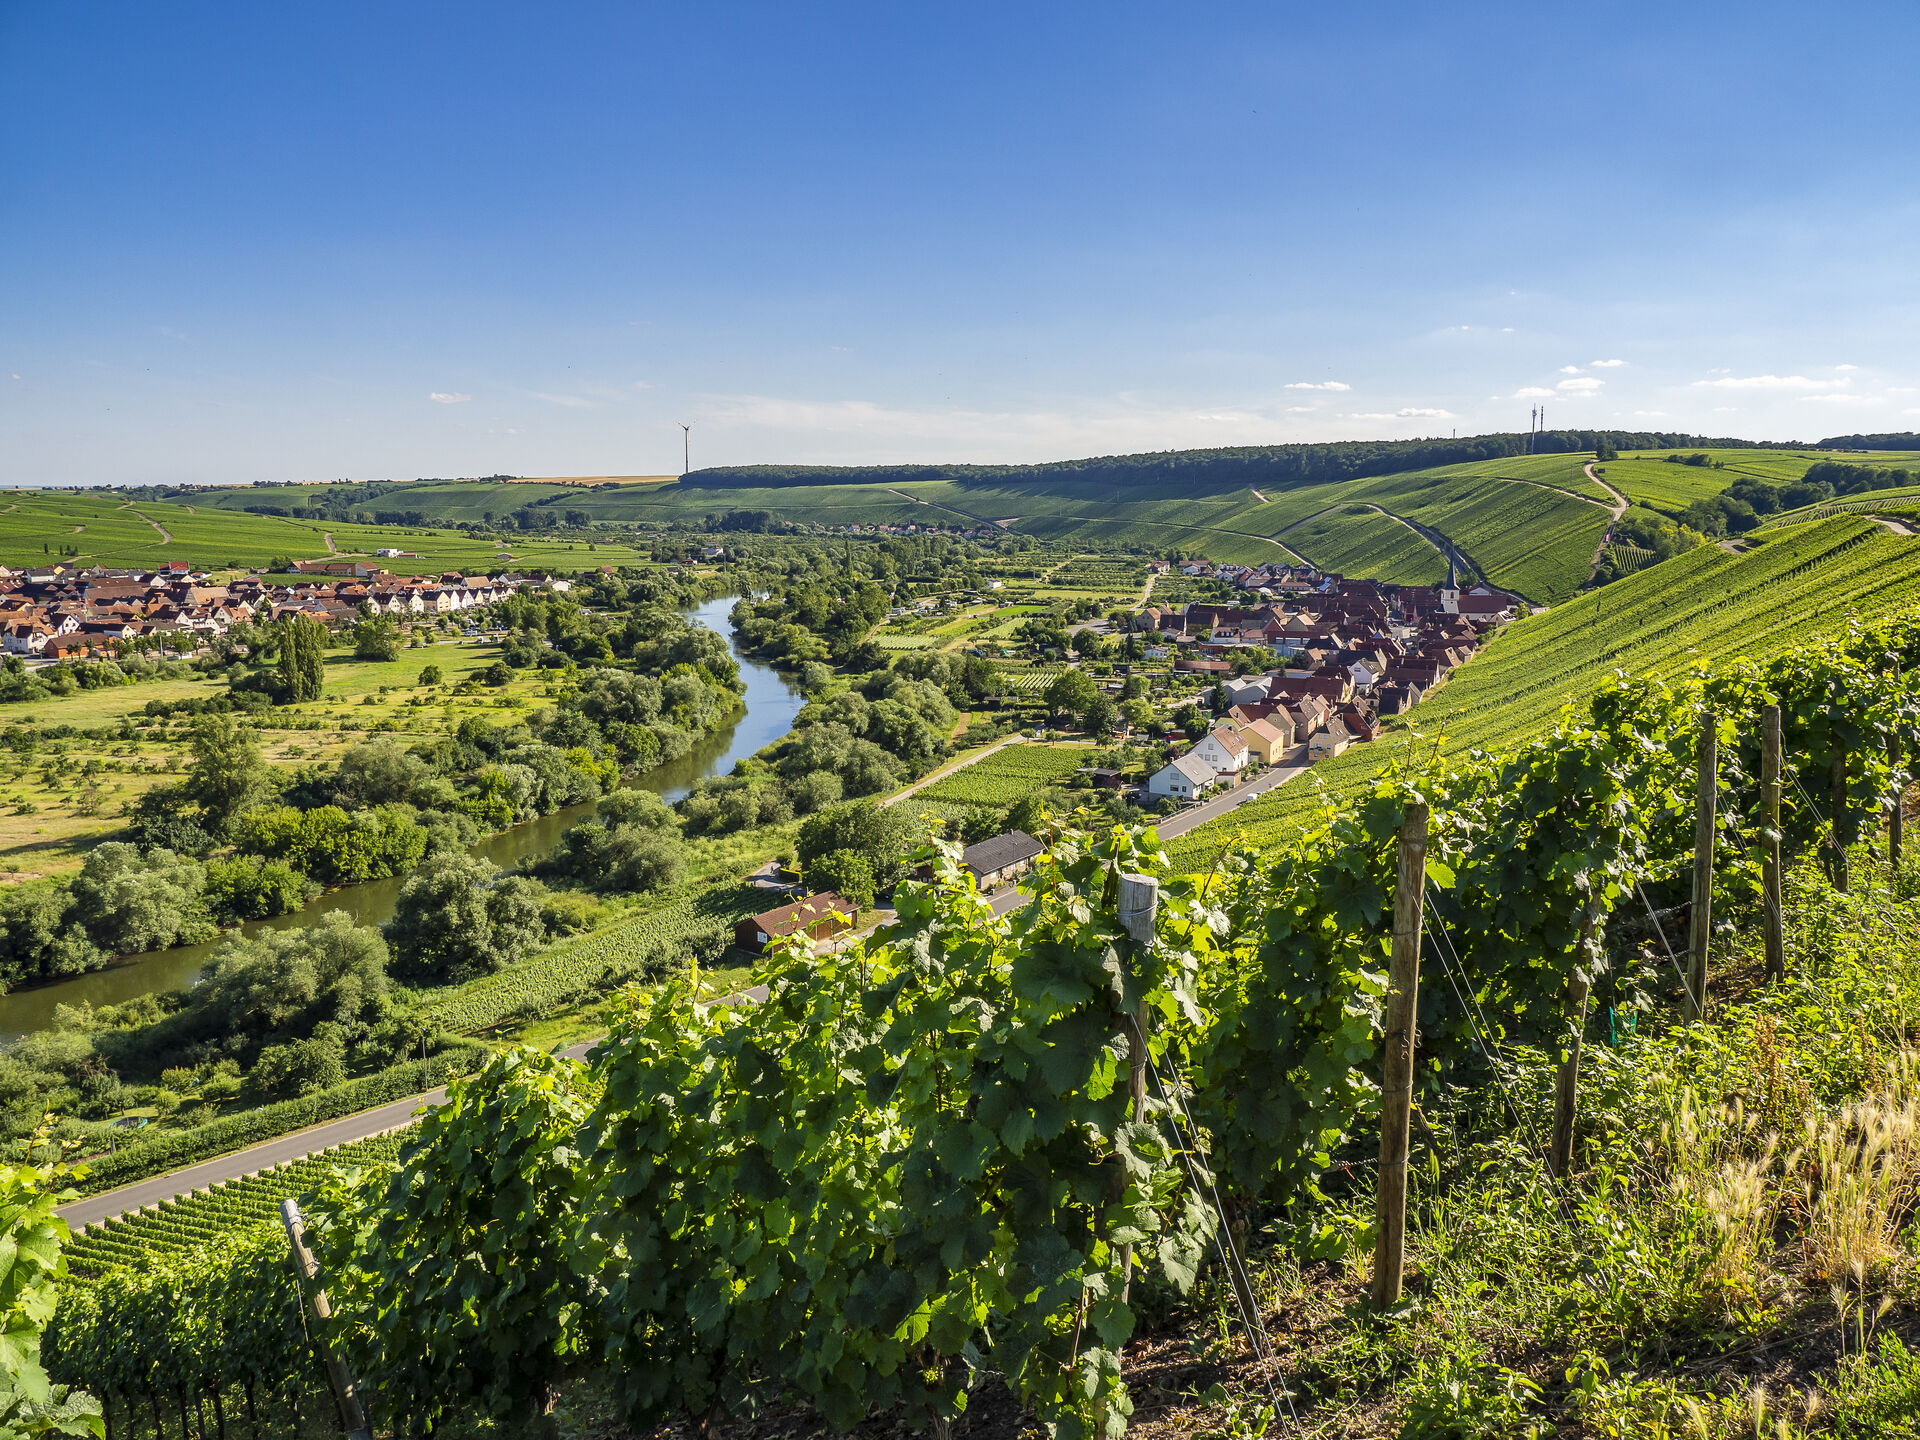 Weinberge im Weinanbaugebiet Franken bei Volkach